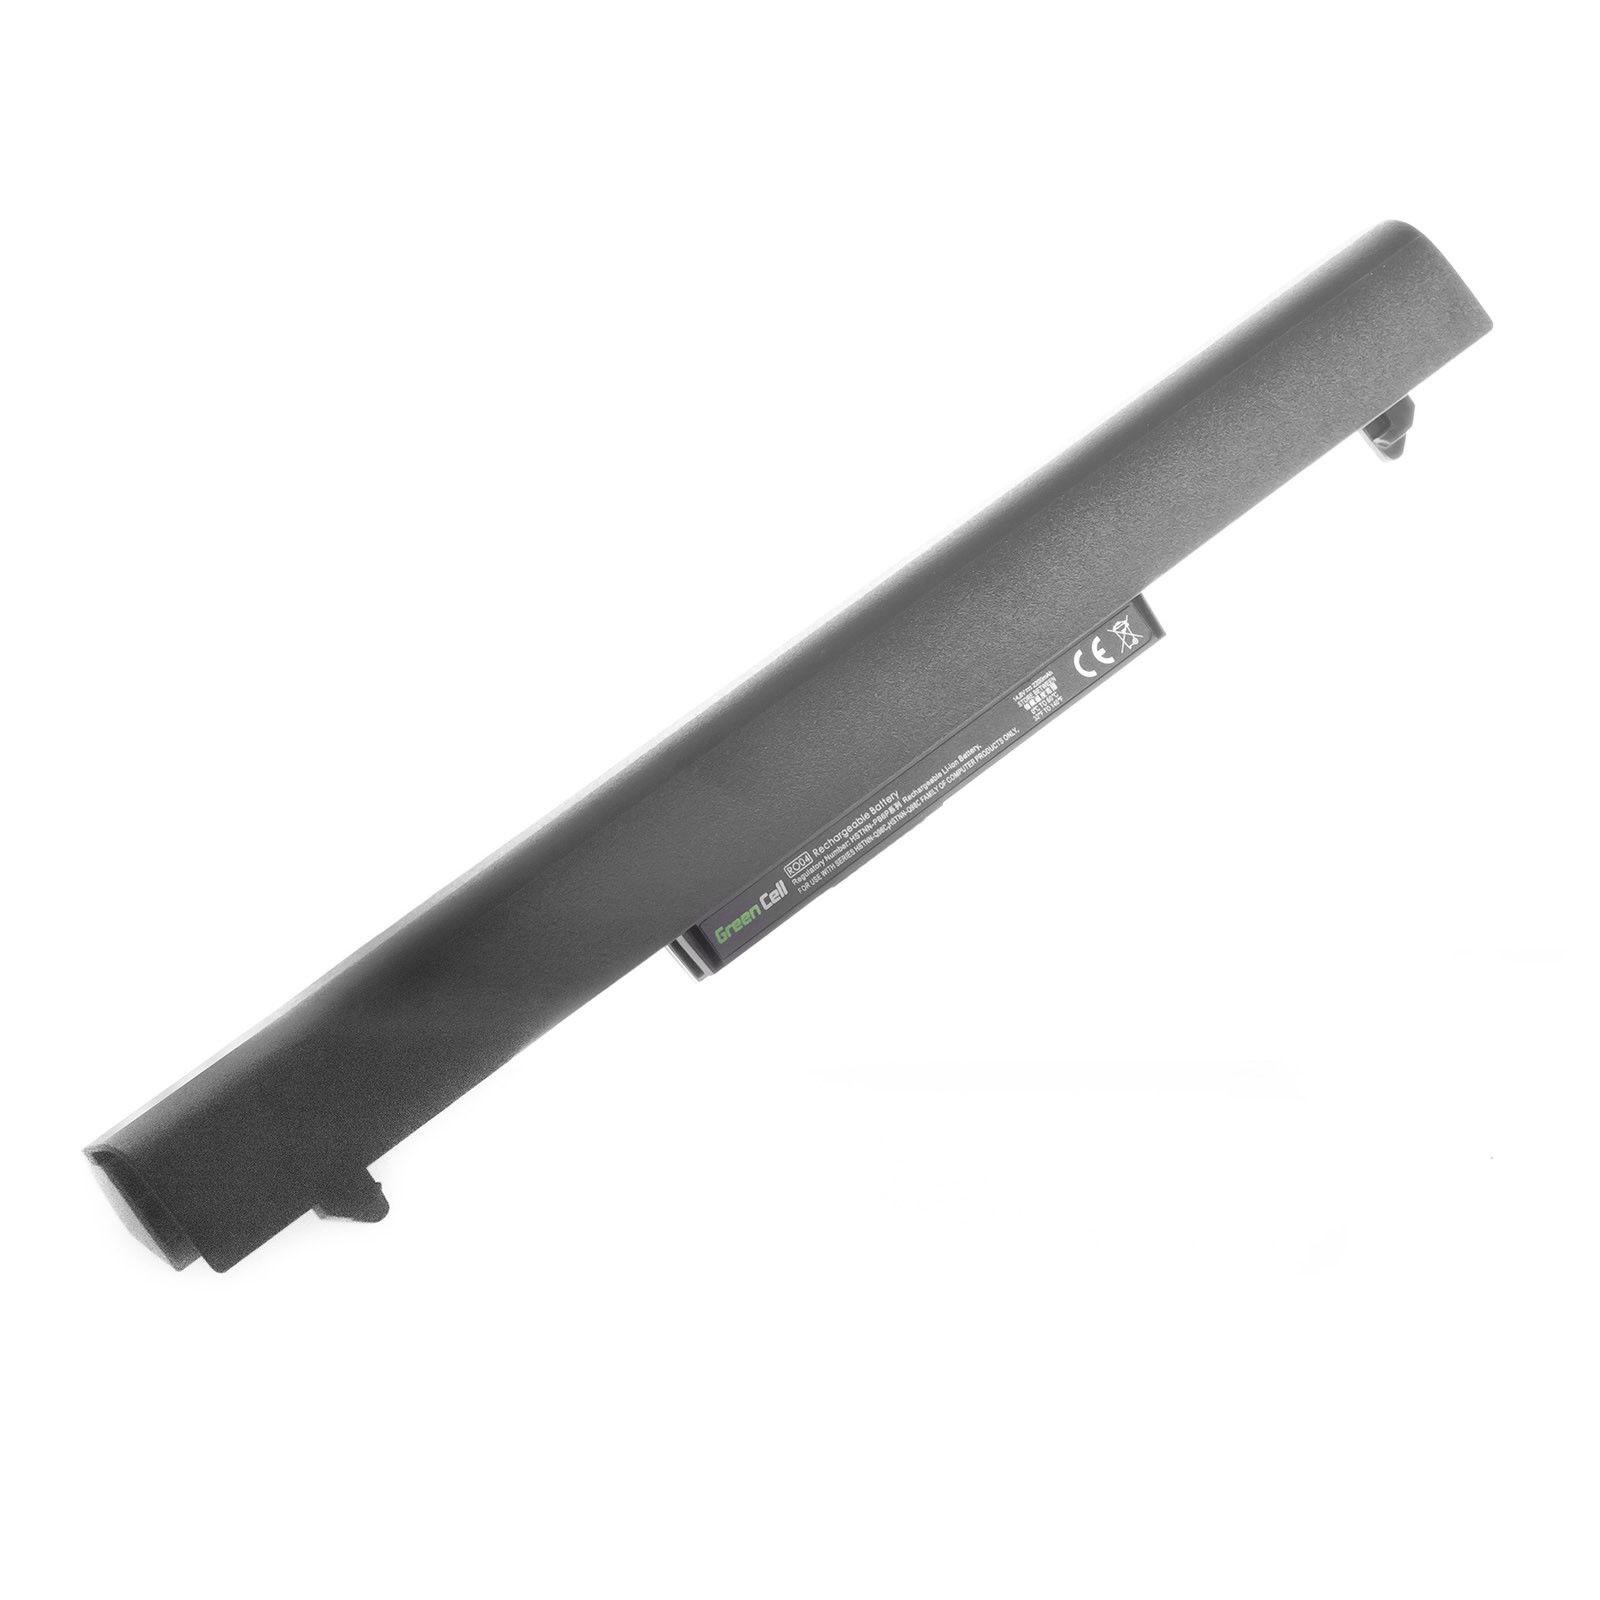 Batteri til HP RO04 ProBook 430 440 430 G3 440 G3 HSTNN-LB7A HSTNN-PB6P(kompatibelt)